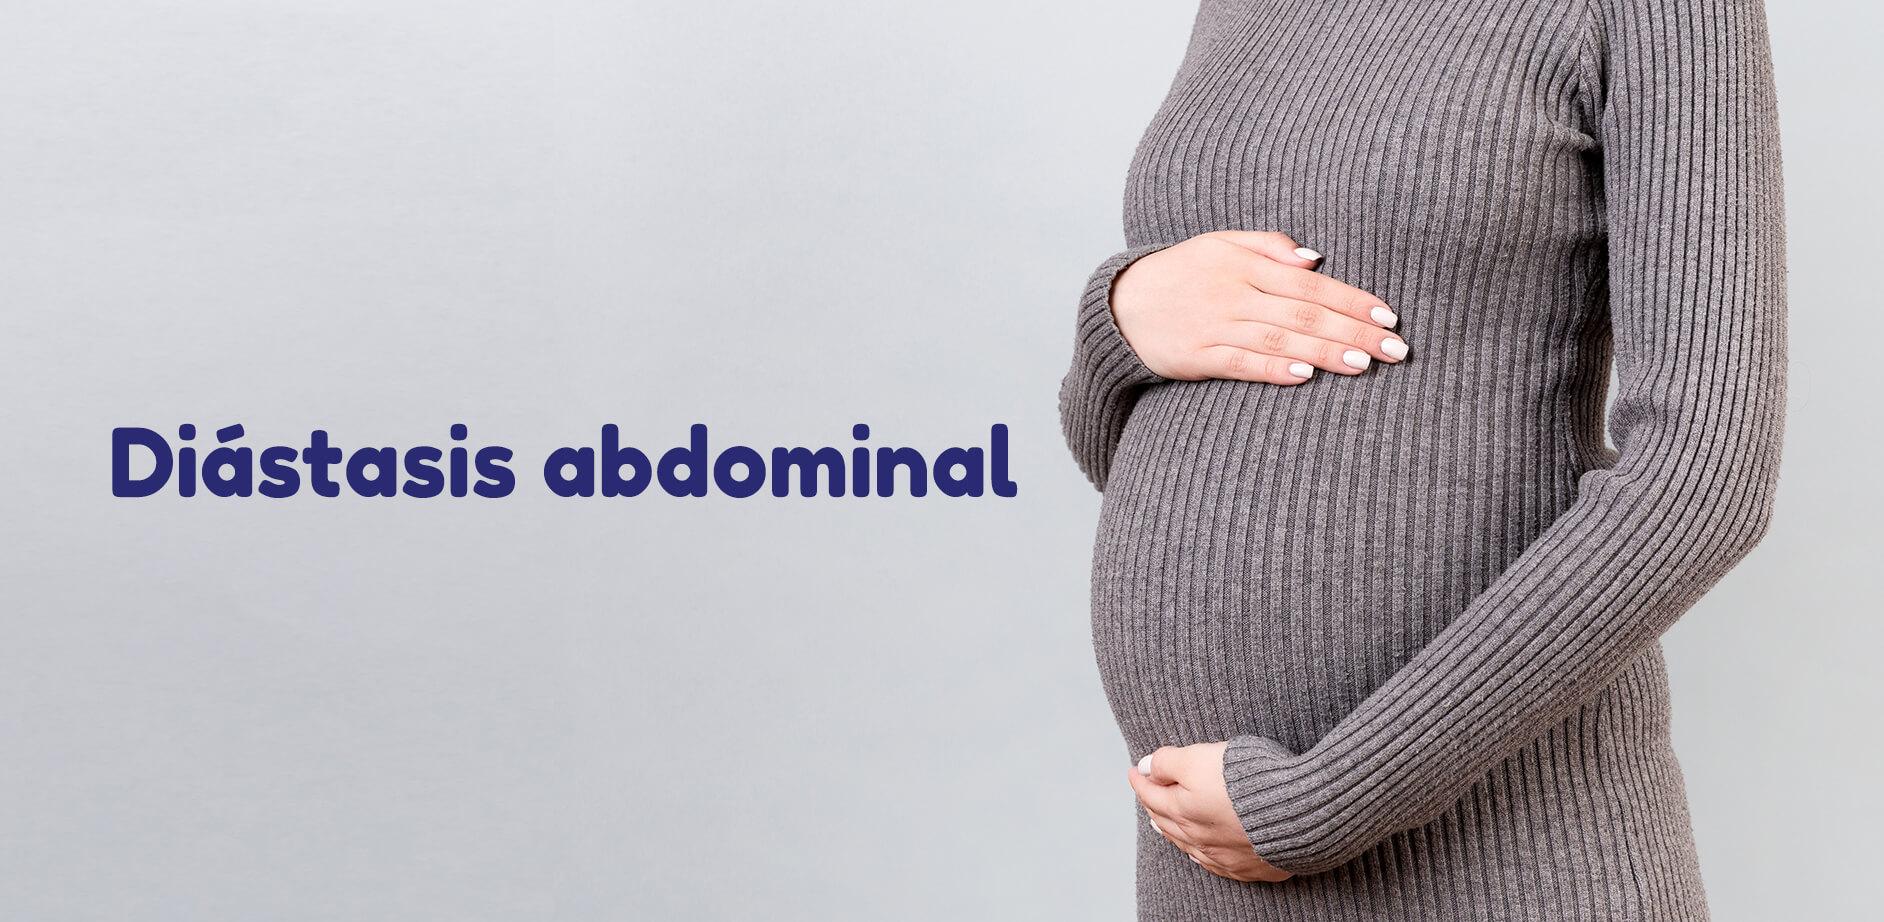 """¿Qué es la """"Diástasis abdominal""""?"""